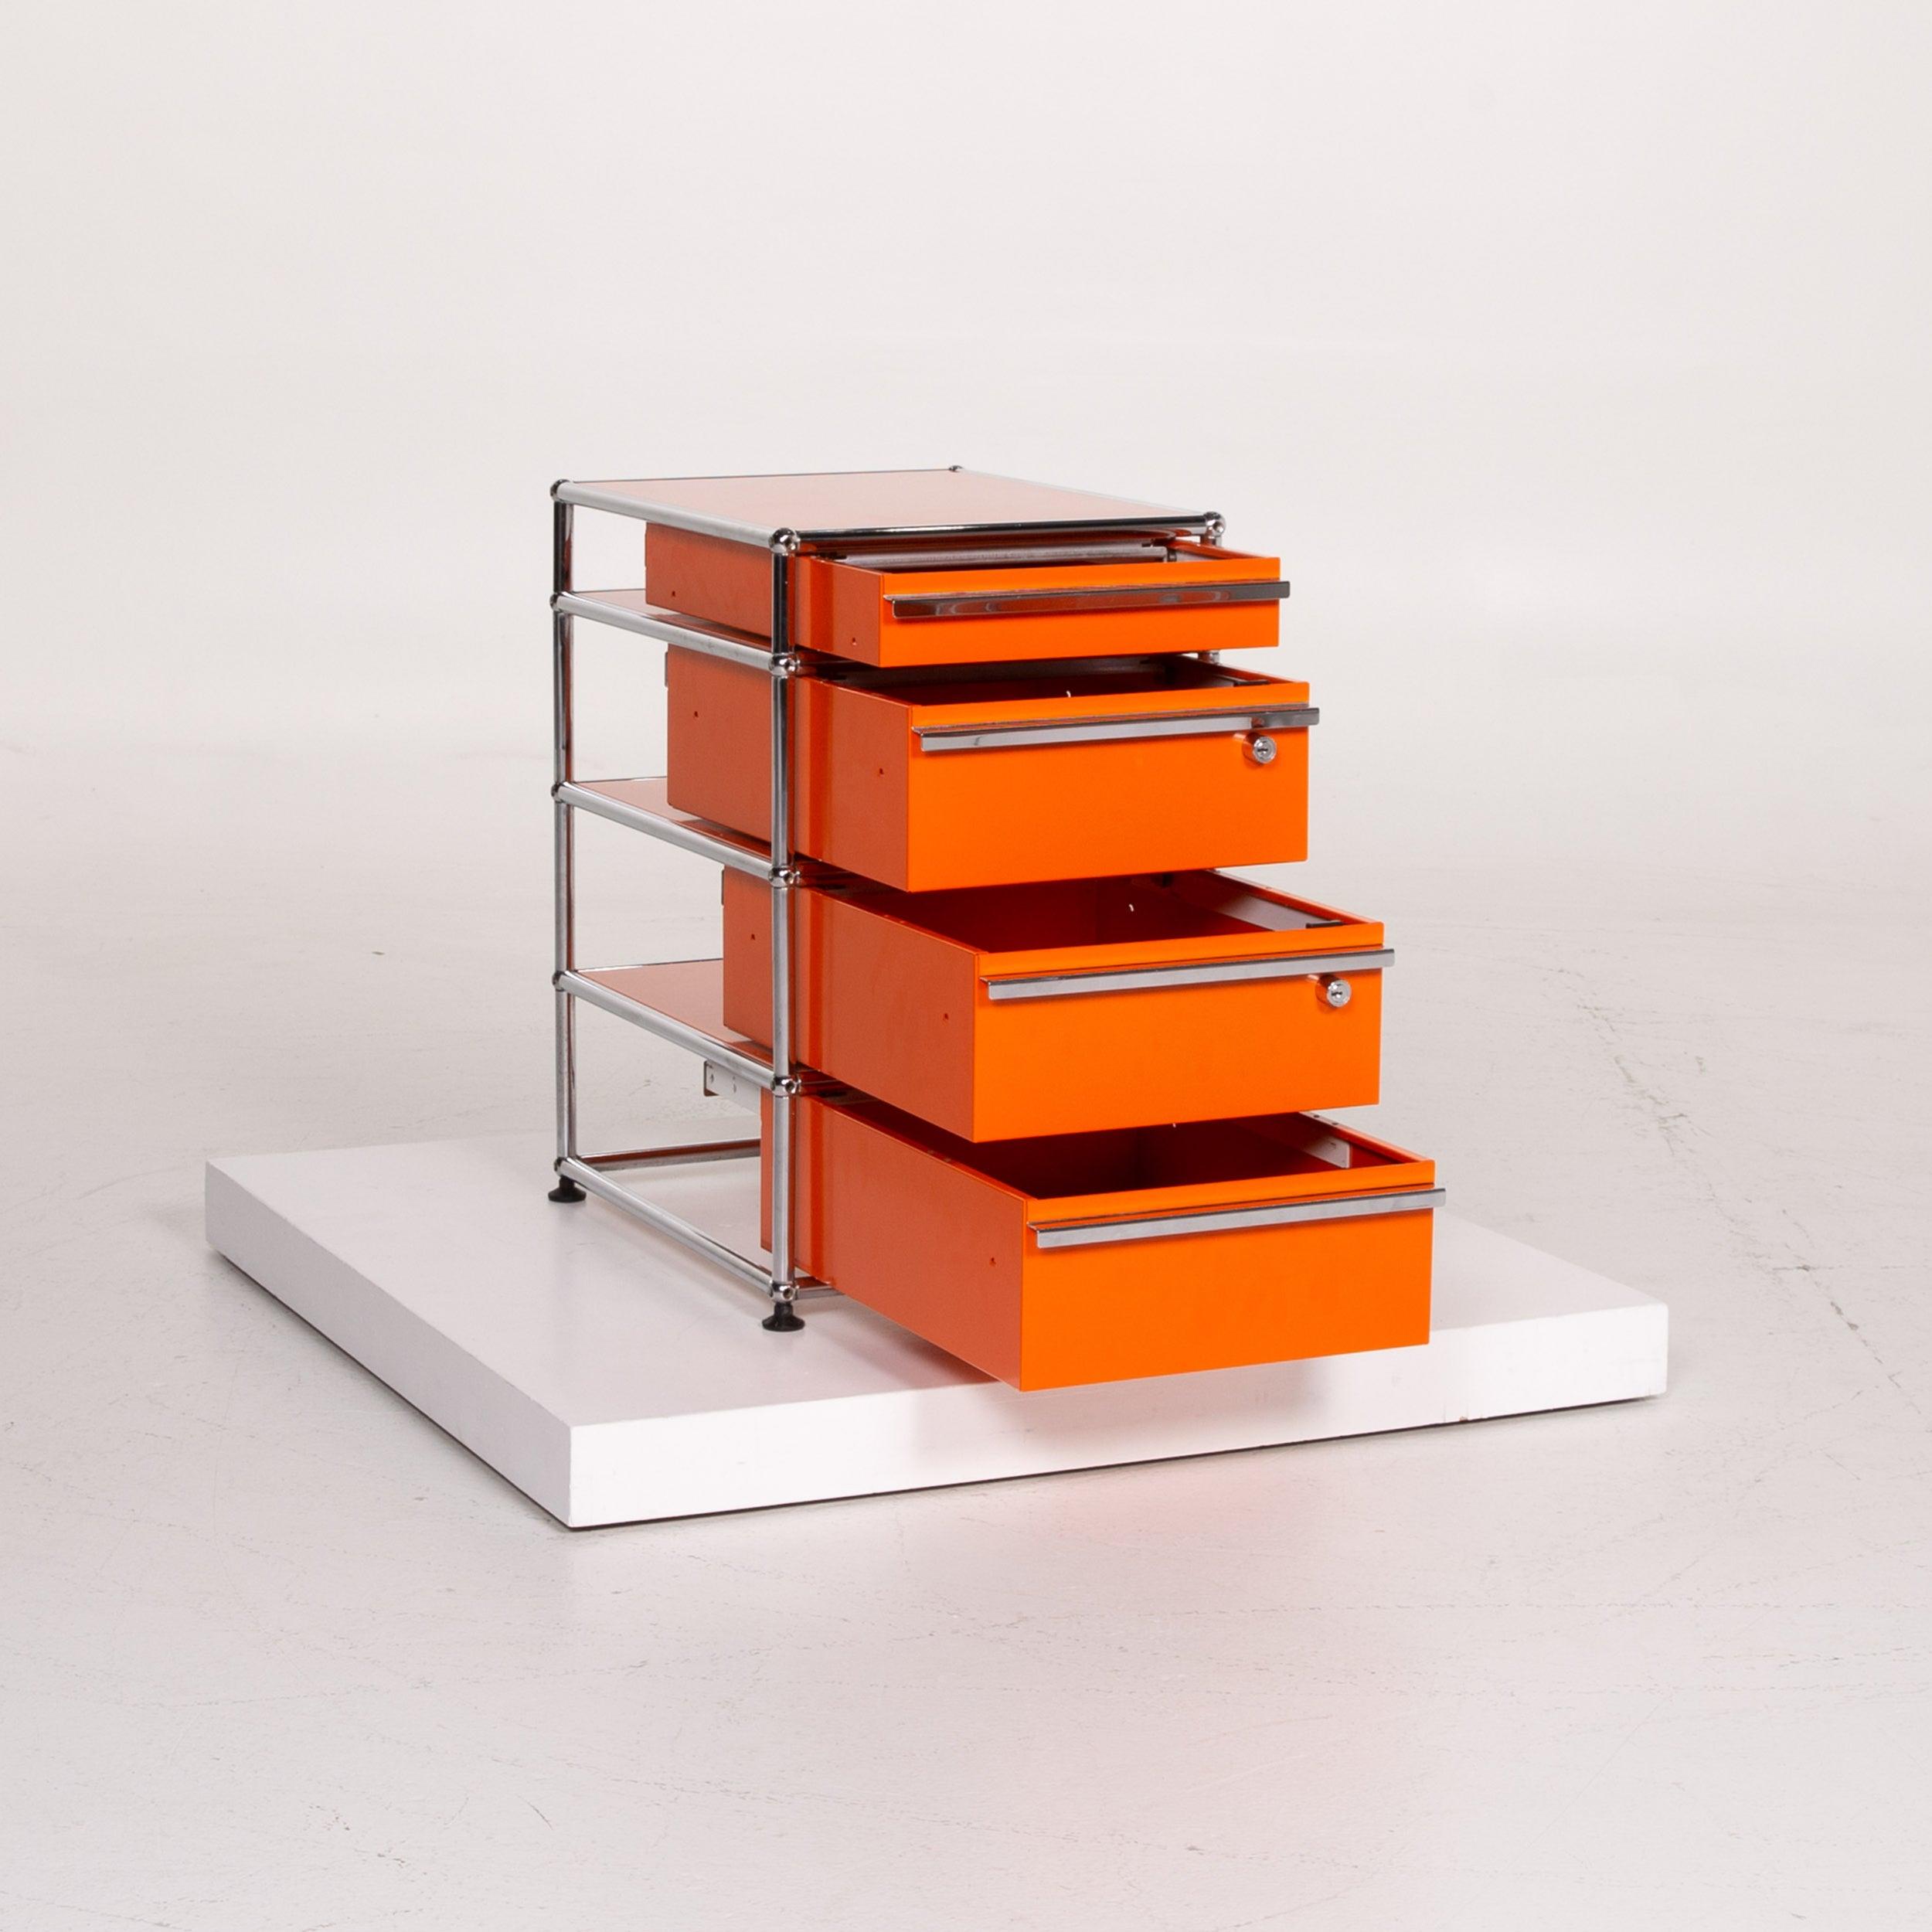 Usm Haller Metal Sideboard Orange Container Chrome Office For Sale At 1stdibs